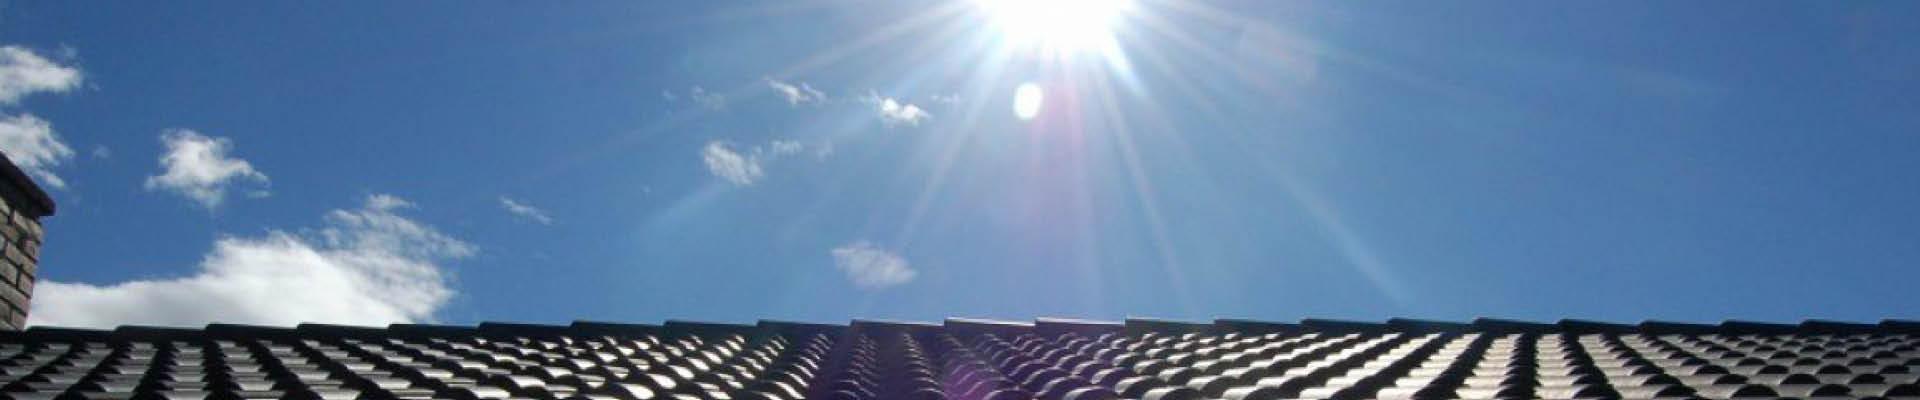 daken beschermen hitte